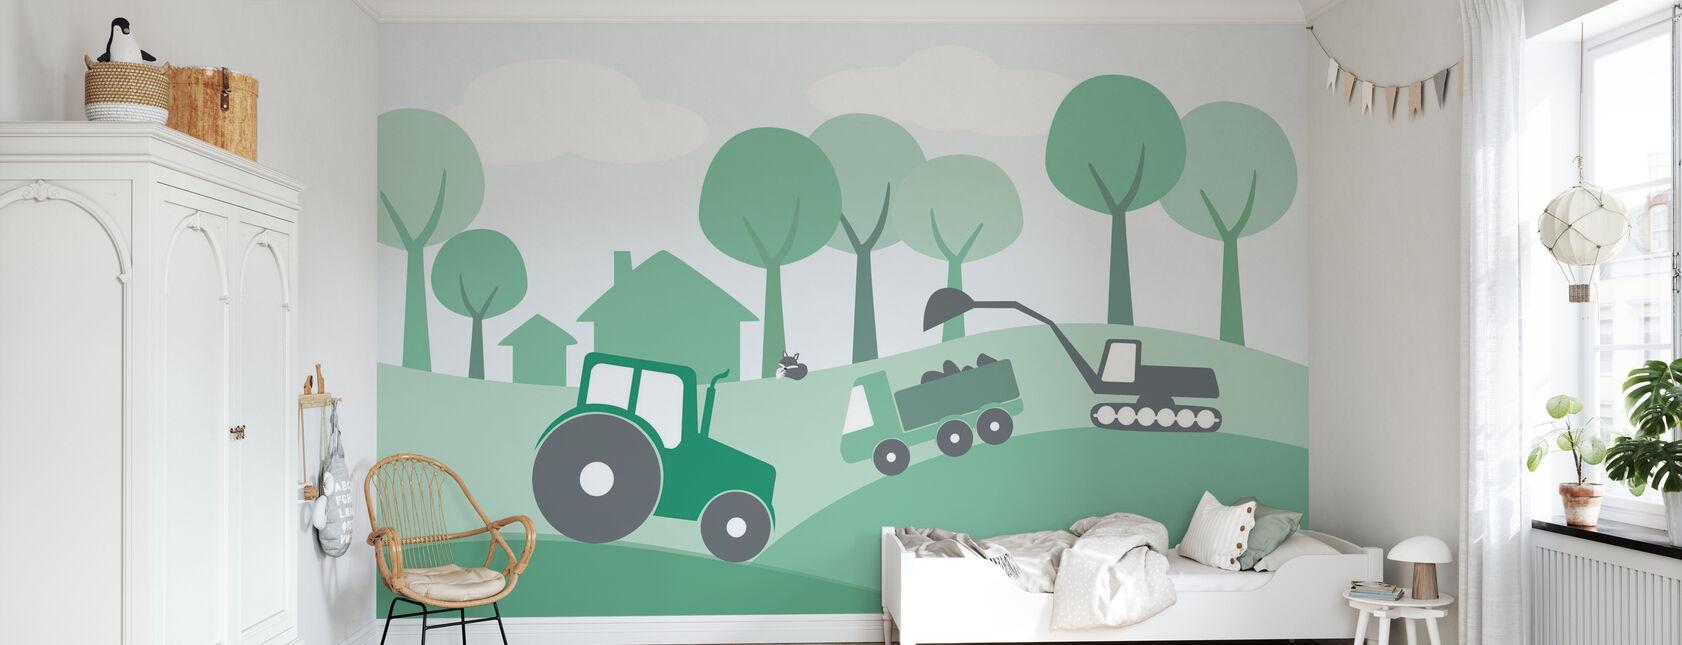 Campagne - Vert - Papier peint - Chambre des enfants